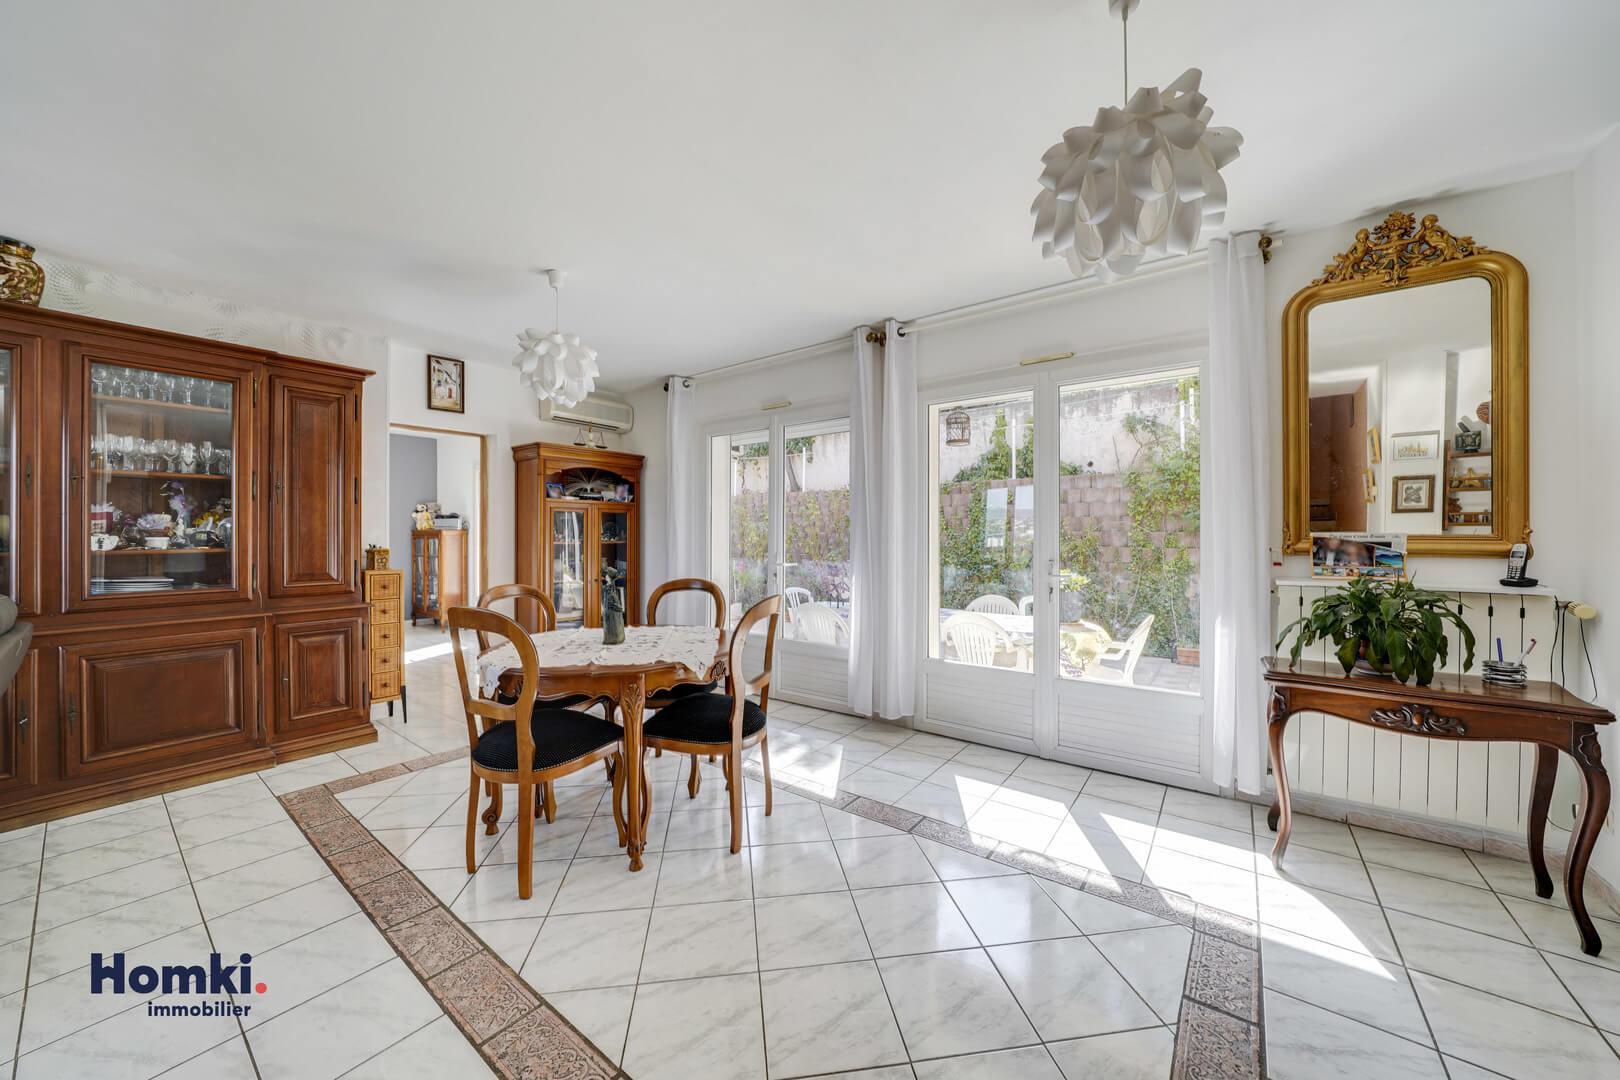 Vente Maison 105 m² T6 13011 Marseille_4